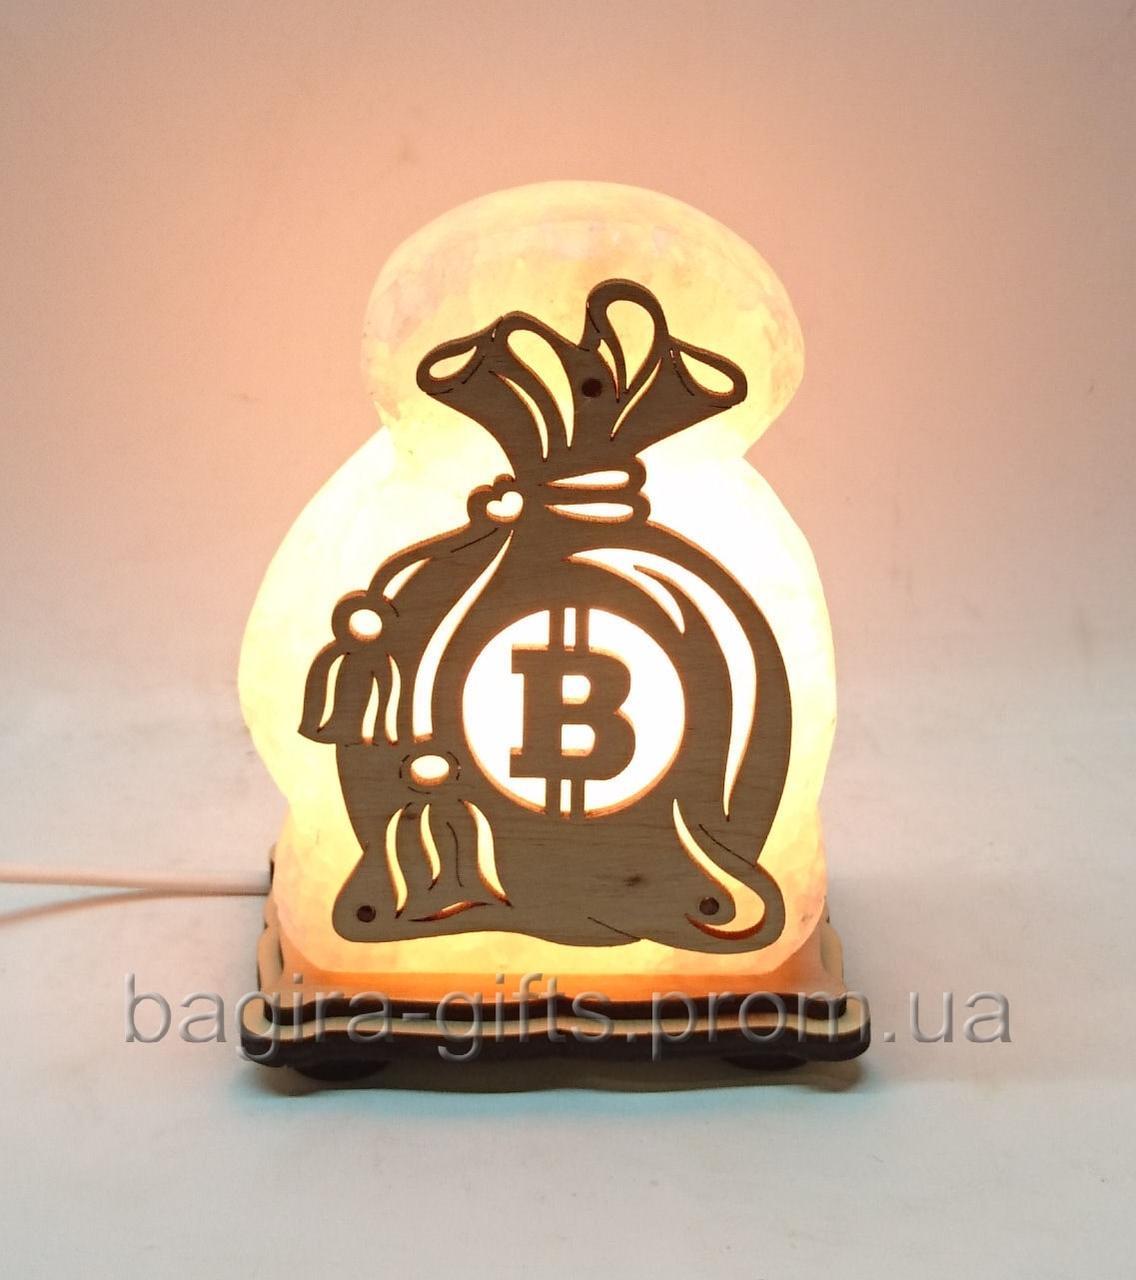 Соляний світильник Мішечок биткоин маленький